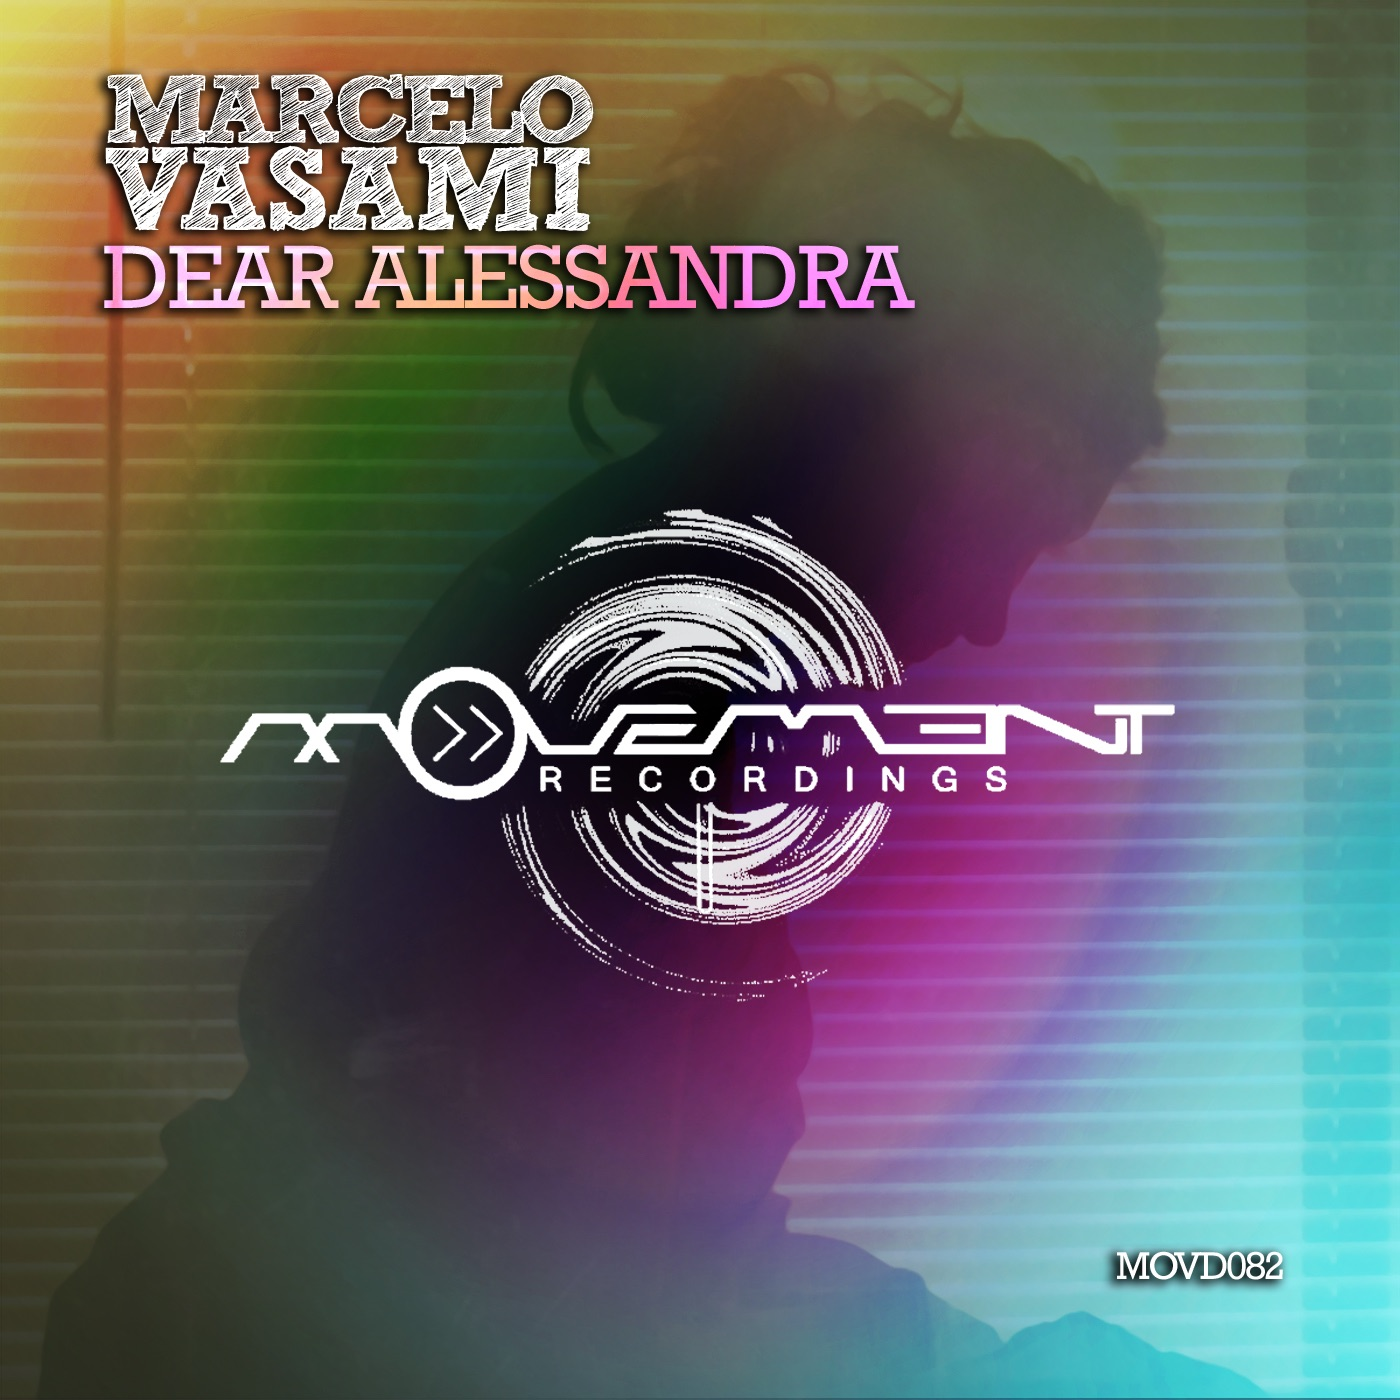 Dear Alessandra - Single